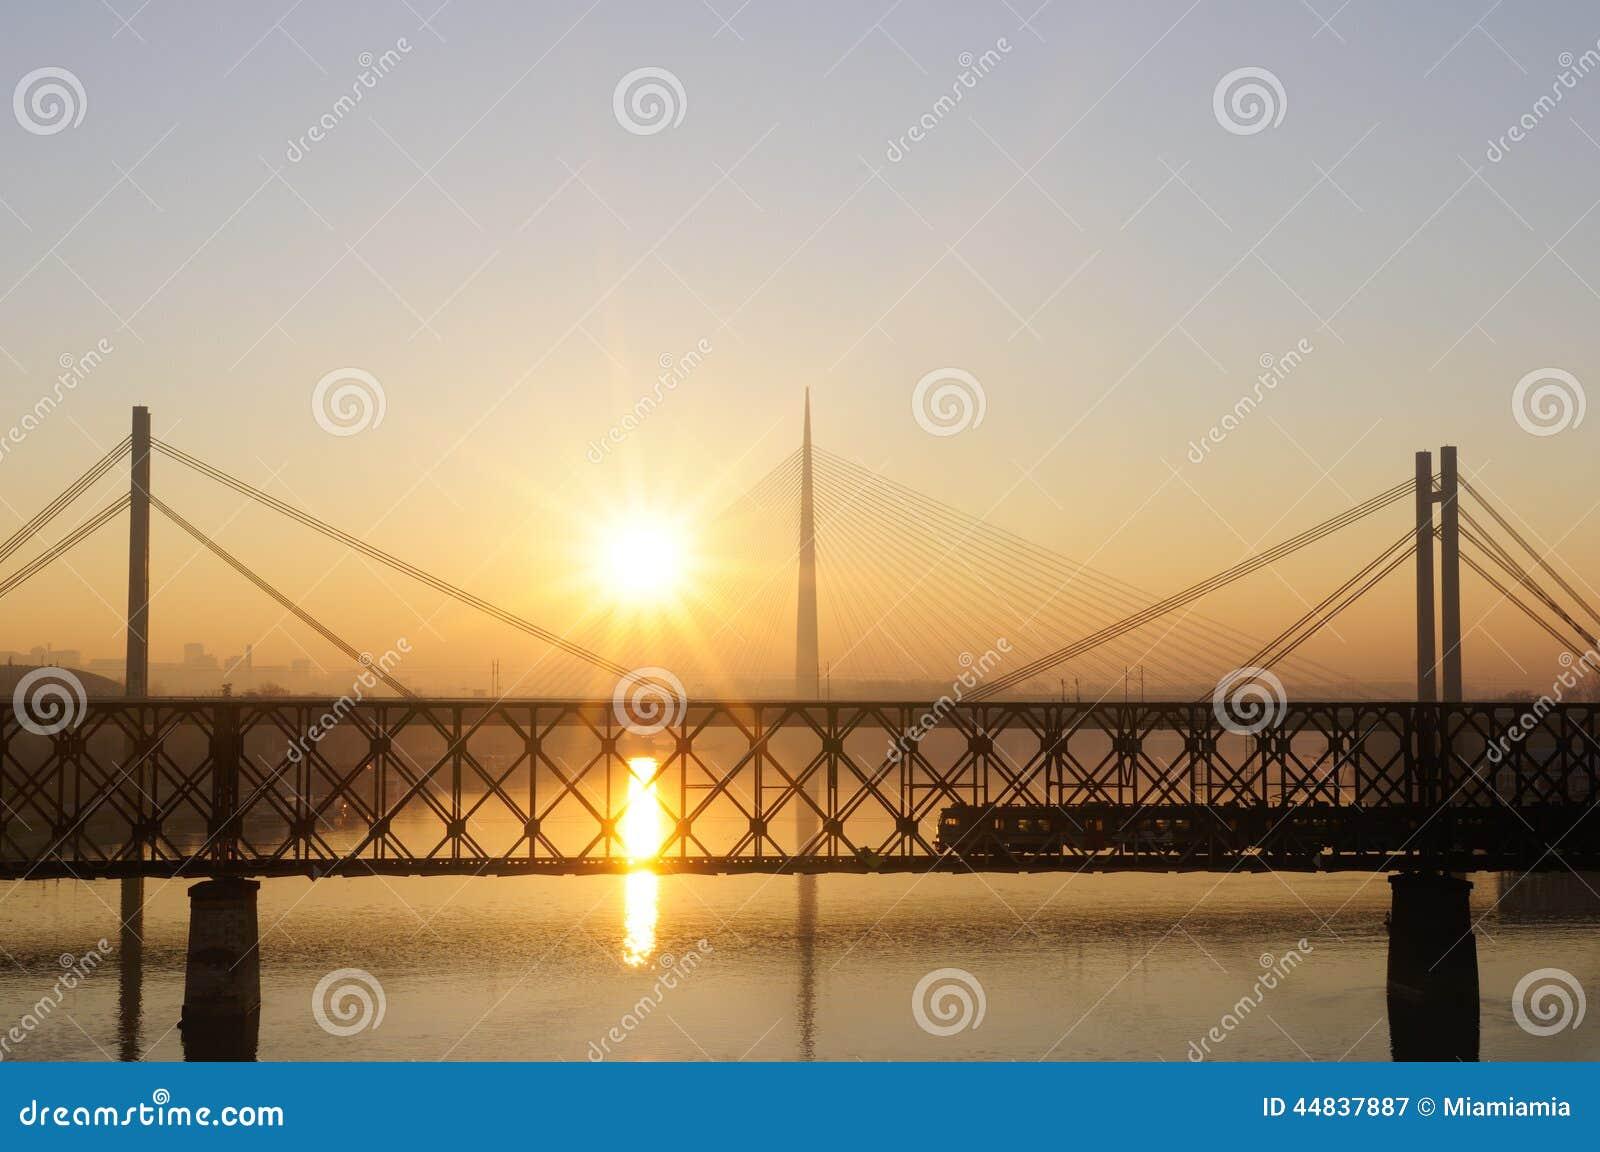 温暖的光,萨瓦河,贝尔格莱德,塞尔维亚.